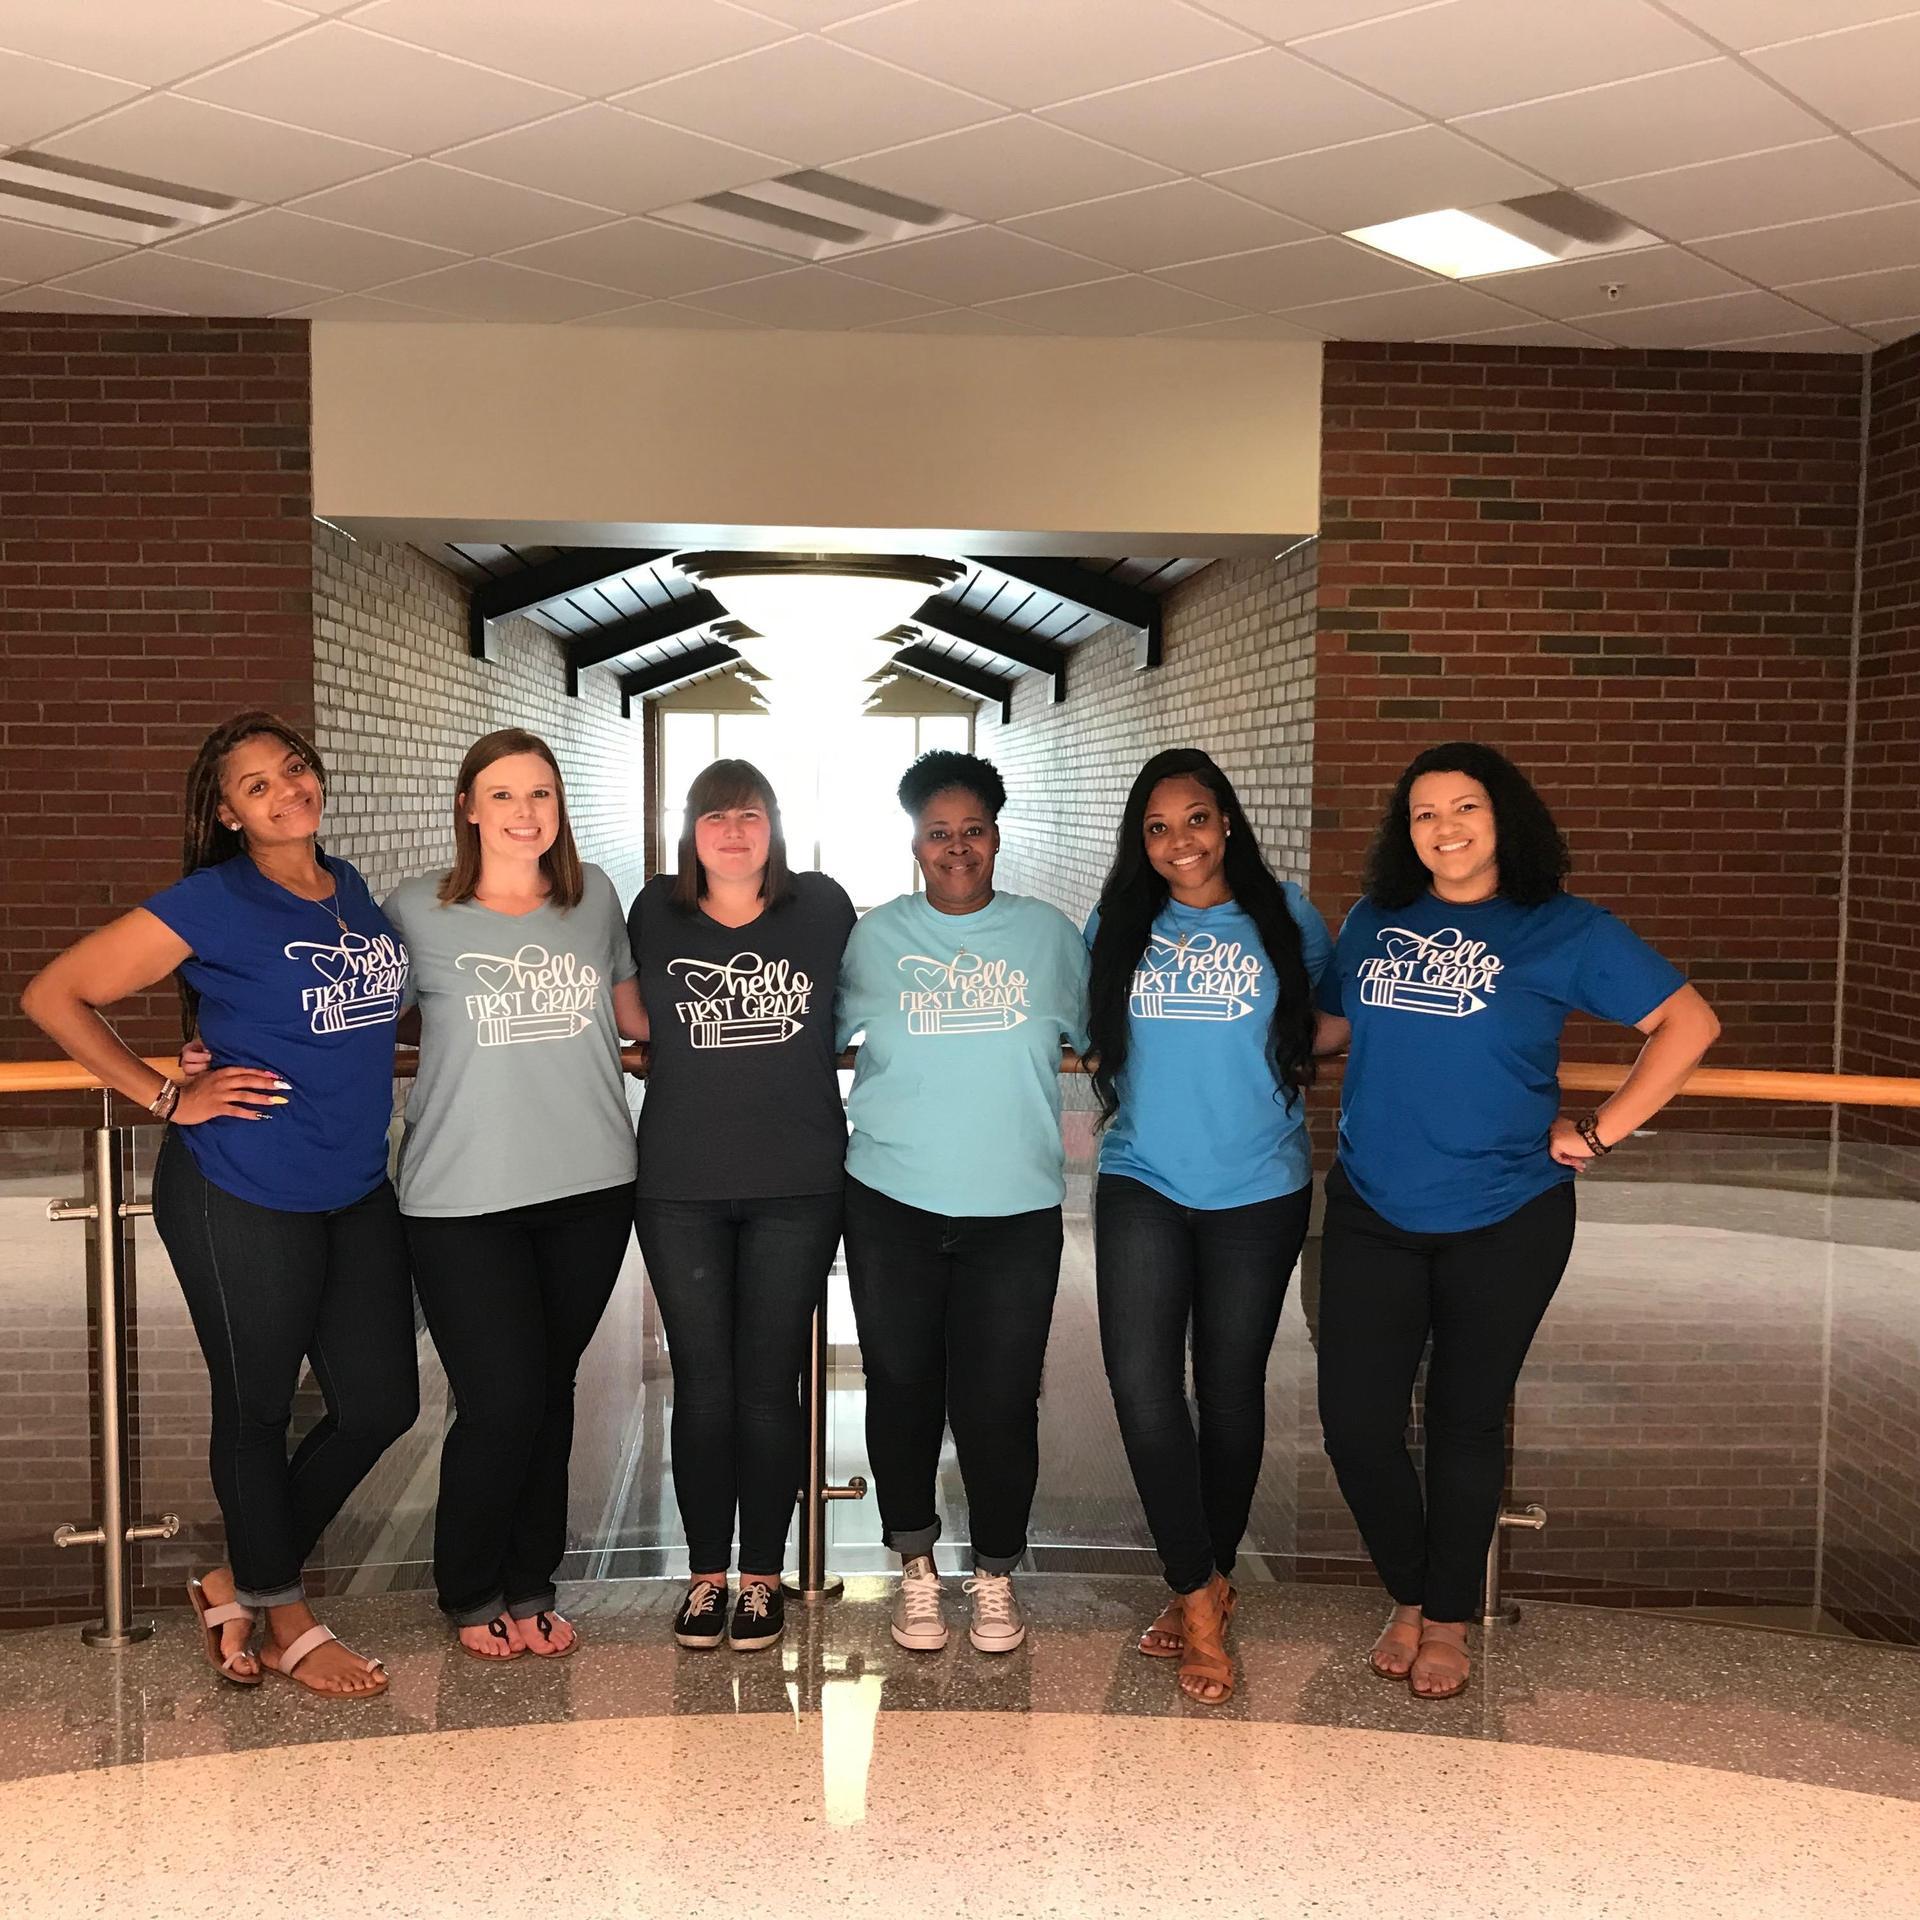 First Grade Team (left to right) Jasmine Slappey, Brittany Stevenson, Elizabeth Pearce, Zakiyah Bell, Shantoria McClain, Asia Spencer.